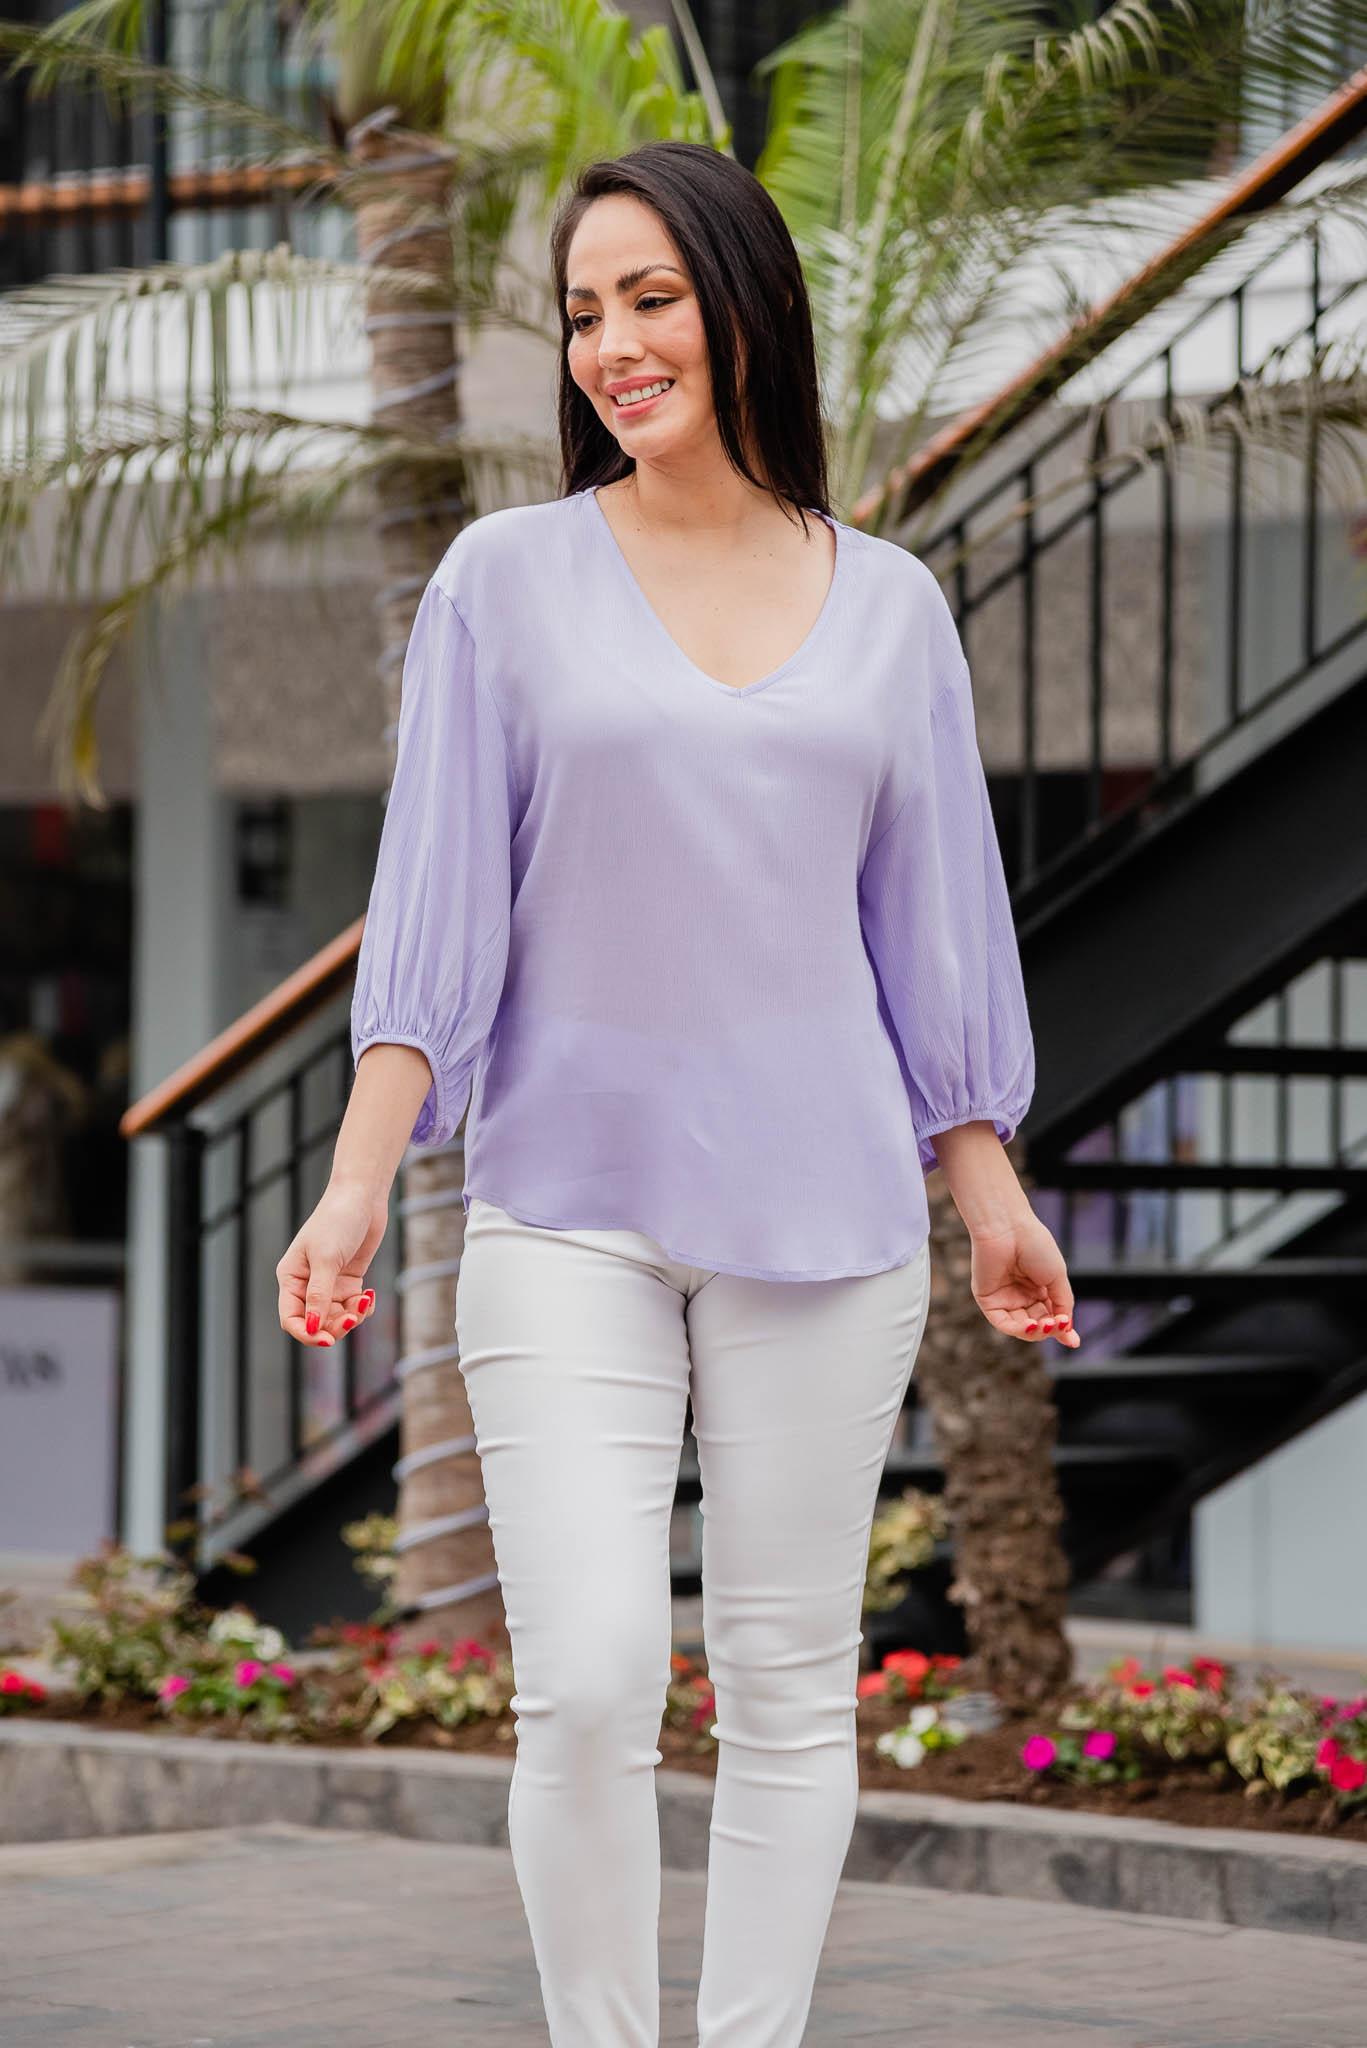 Blusa de tela Rayón hindú  Disponible en talla S M L  La modeloexhibe la talla S